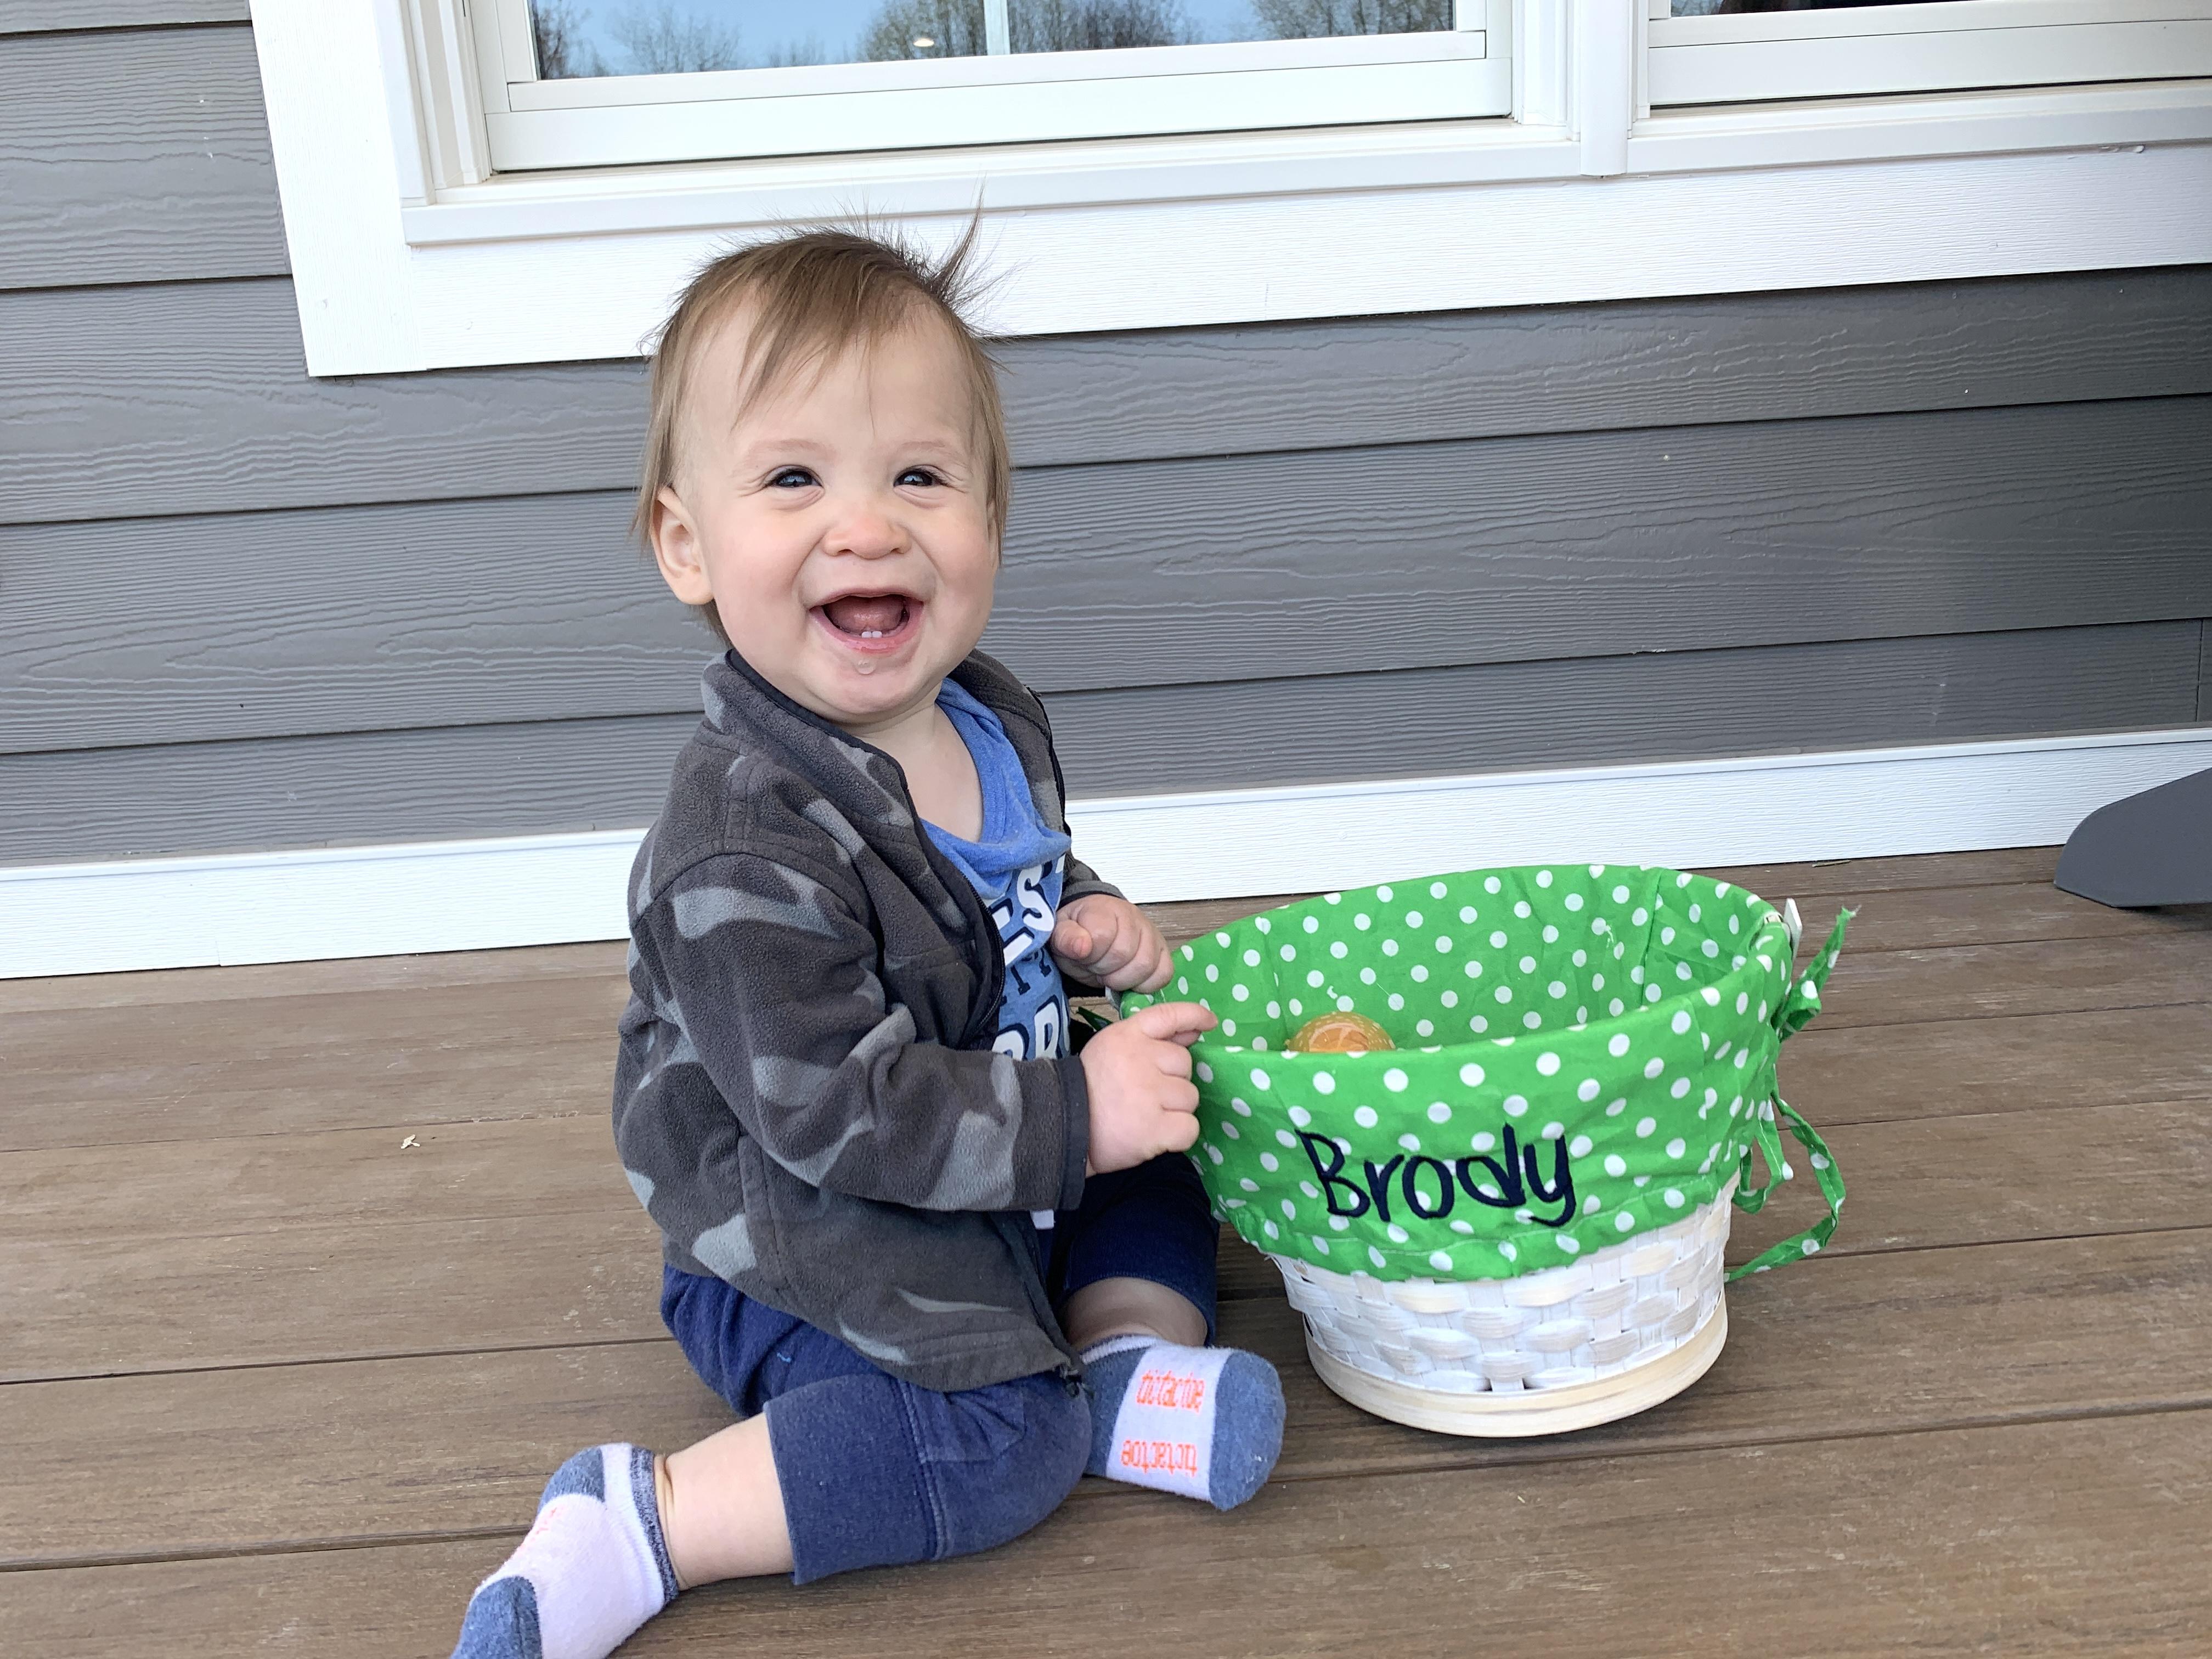 Easter-egghuntBro